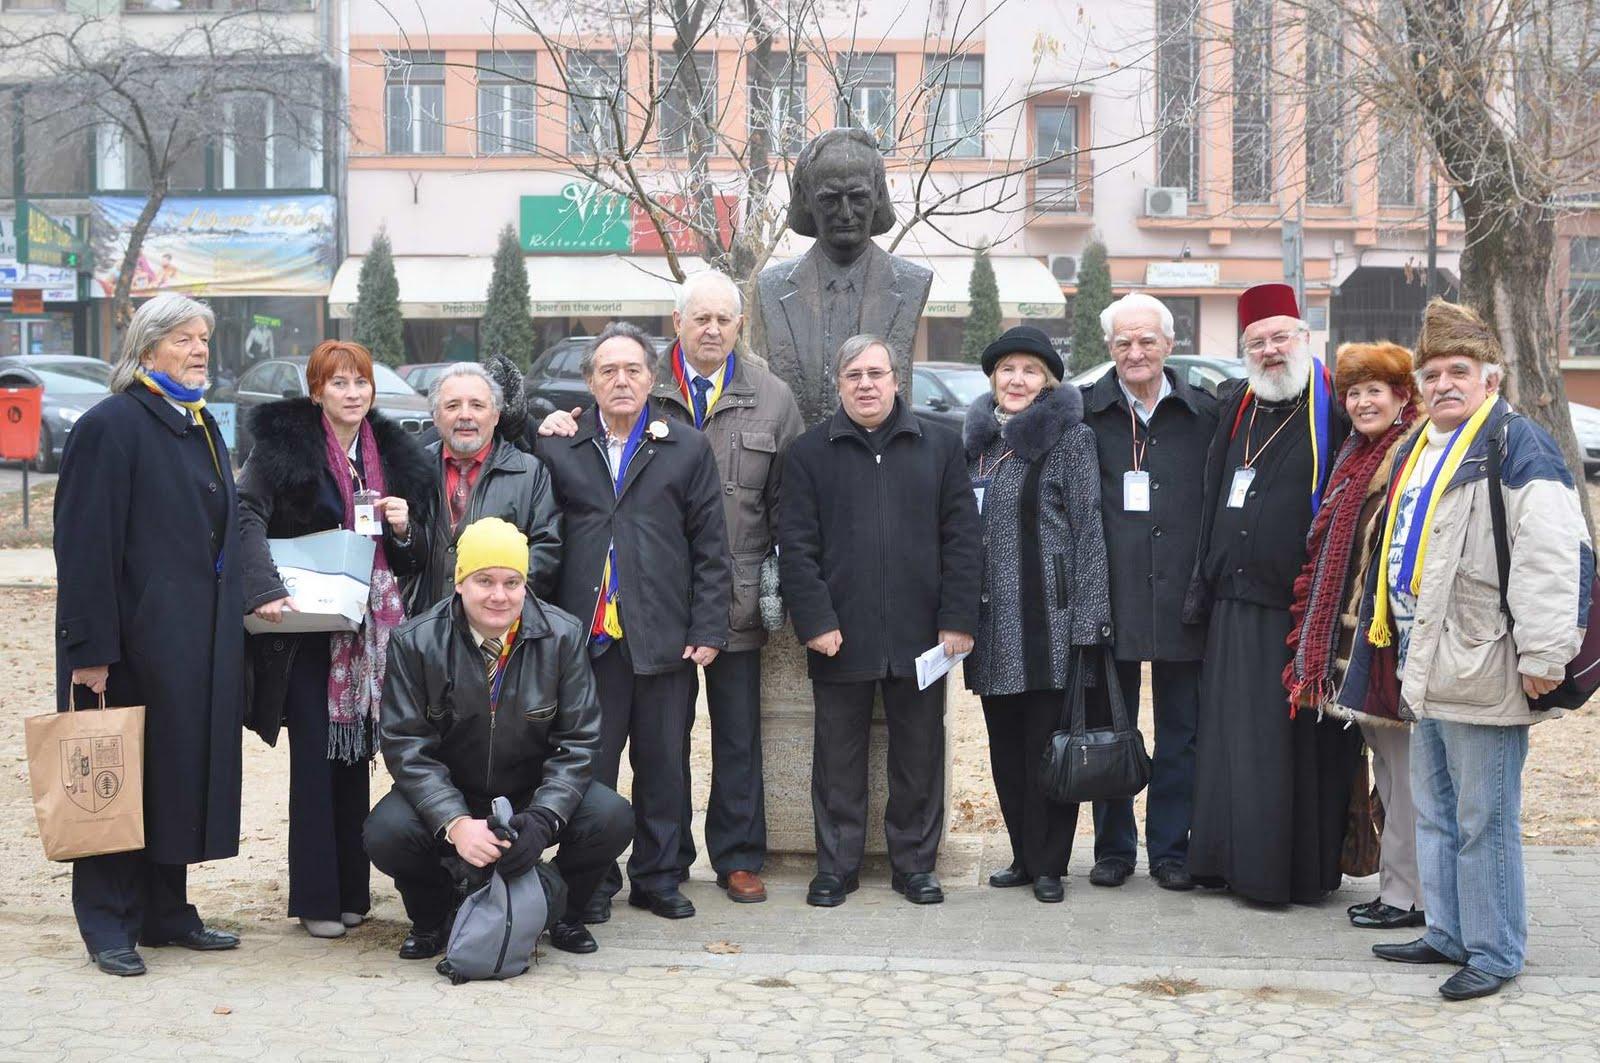 Congresul Spiritualităţii Româneşti – 2011